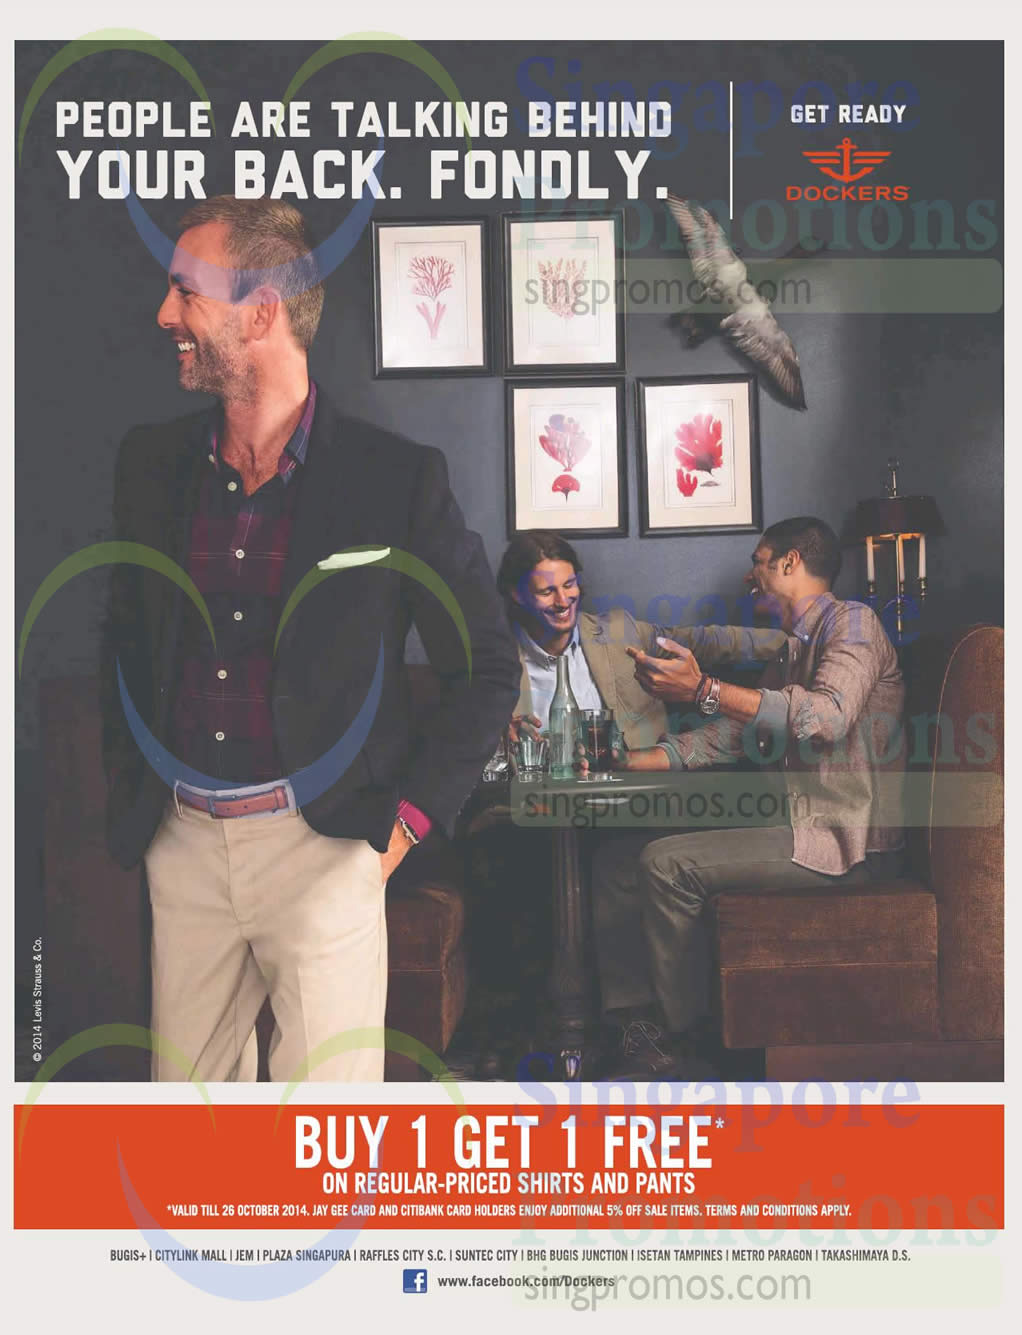 Buy 1 Get 1 Free Regular Priced Shirts